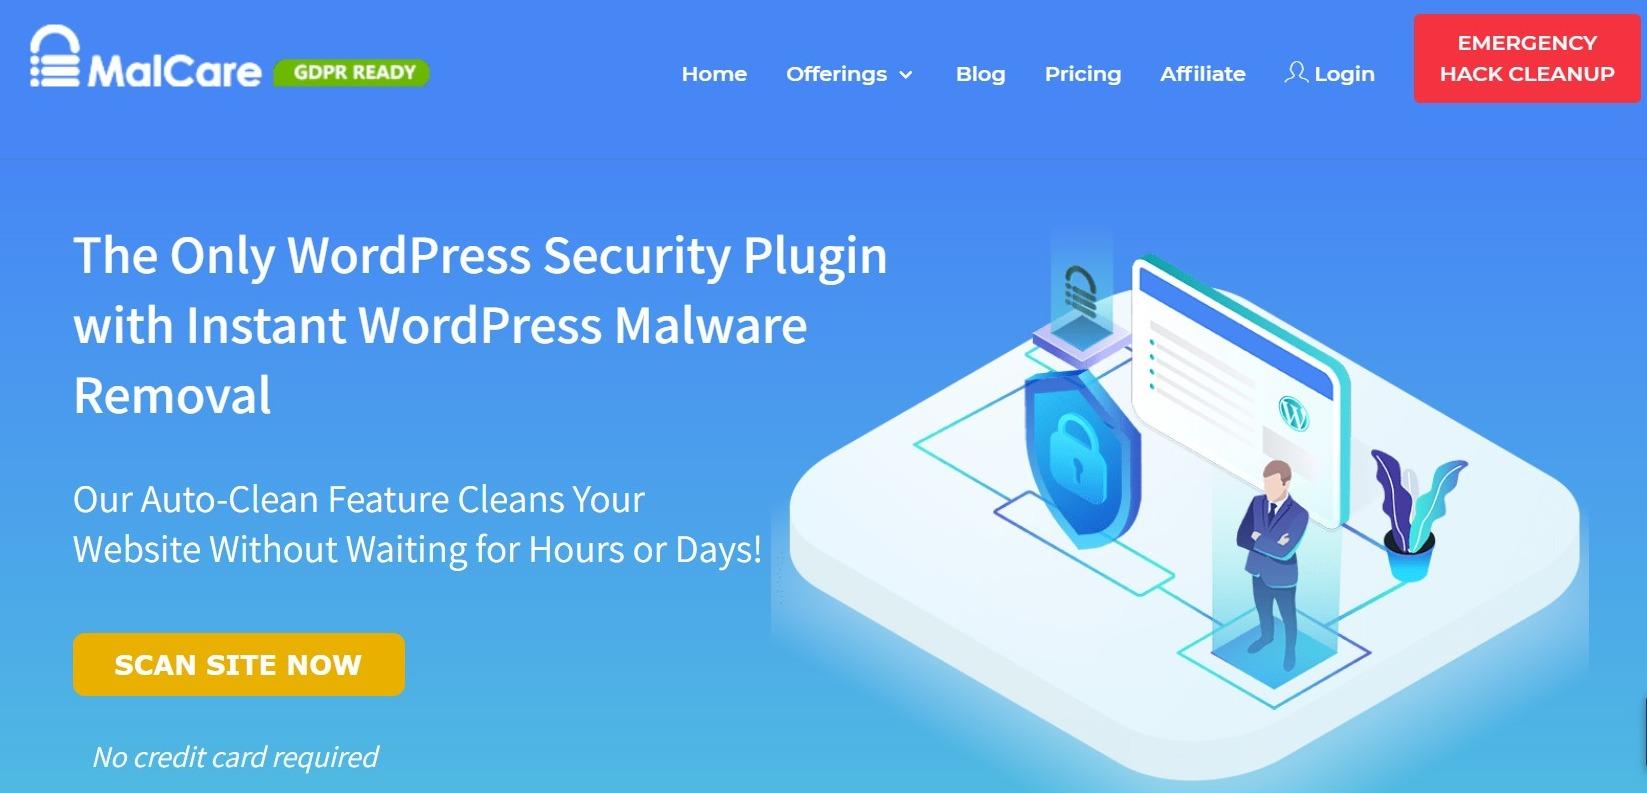 Malcare WP Security plugin